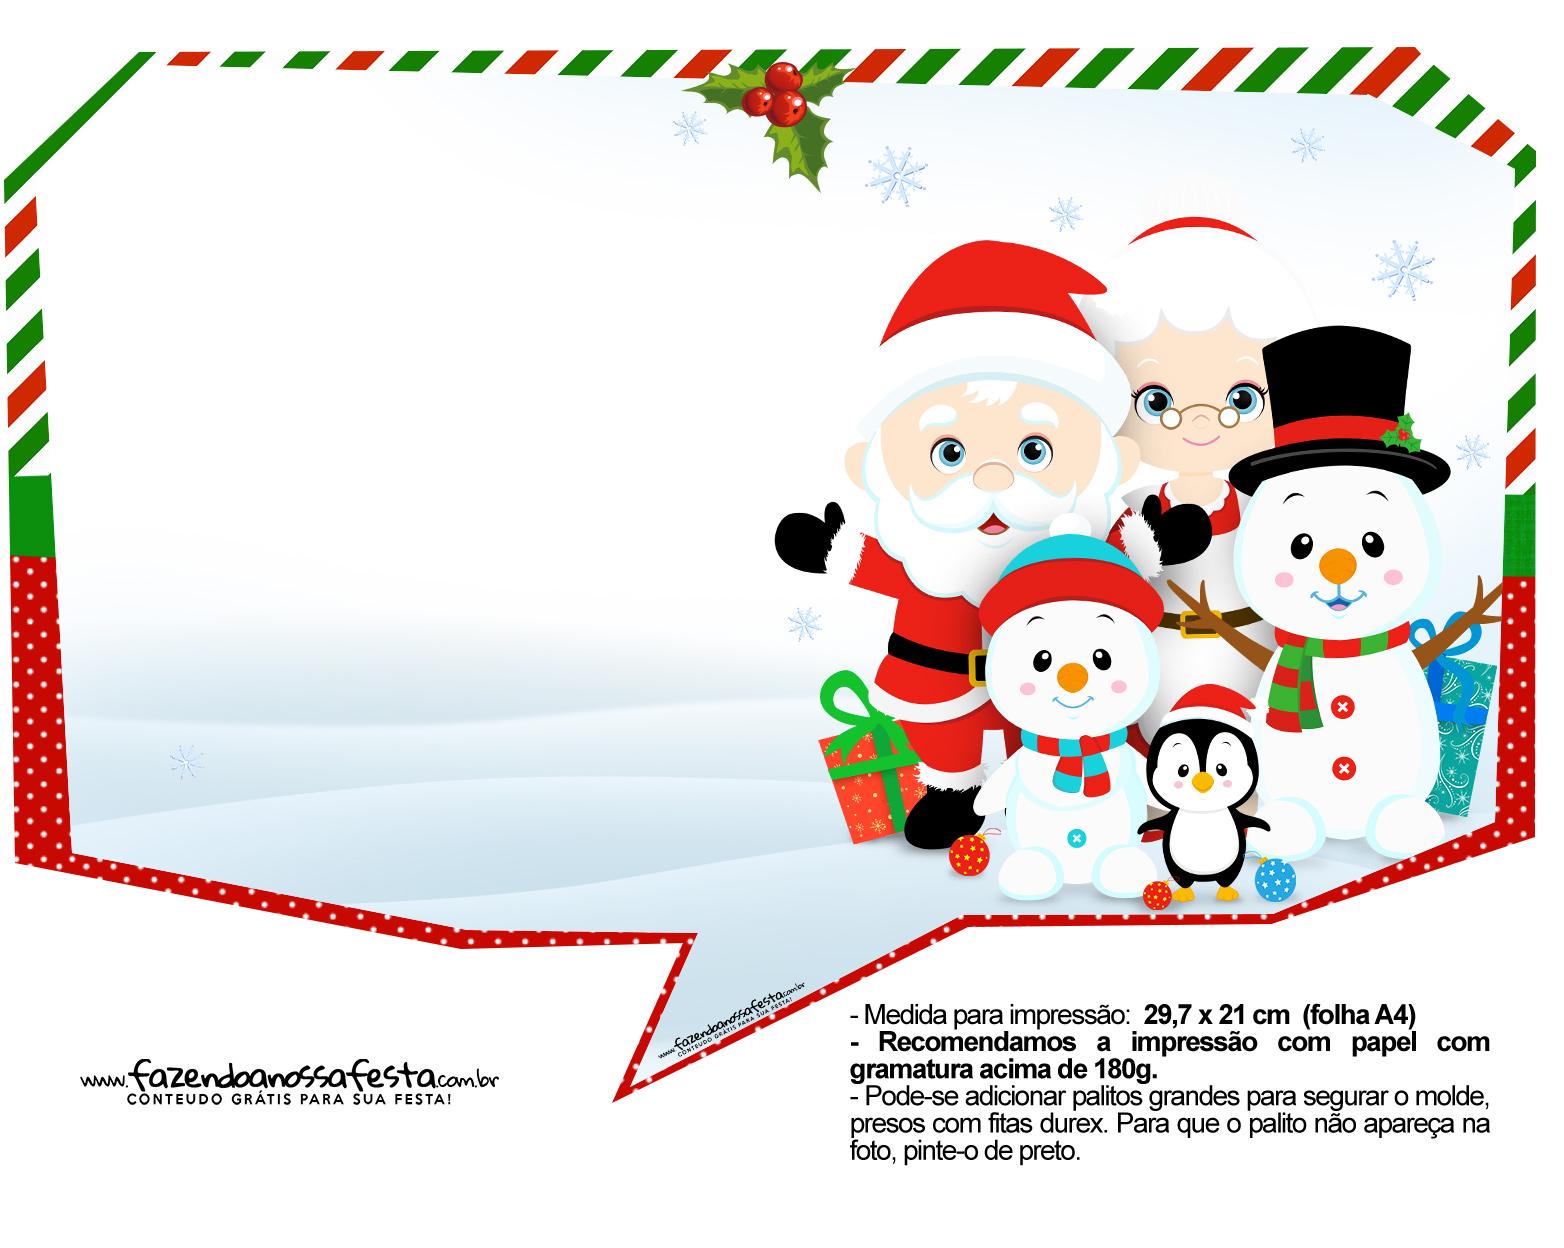 Plaquinhas divertidas para fotos de Natal 32